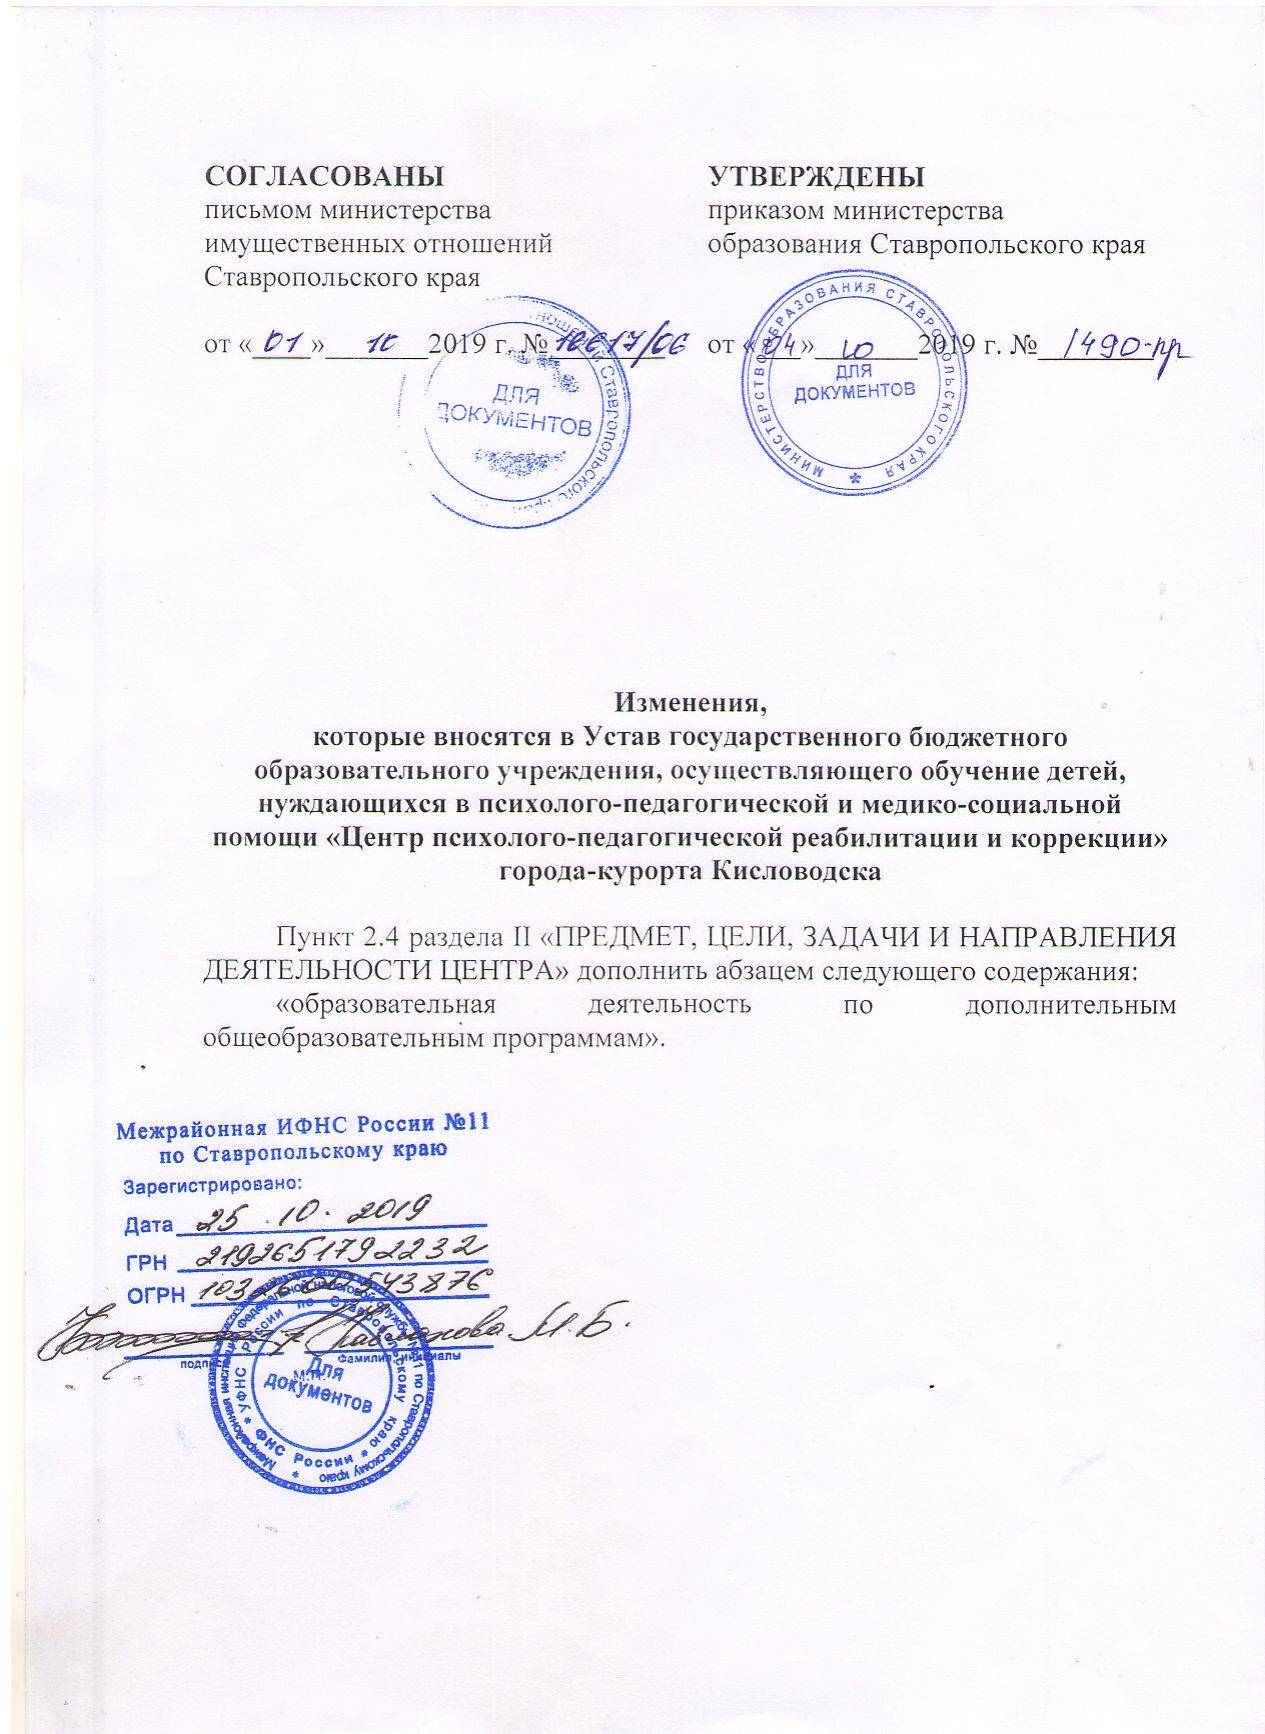 Изменения в Устав ГБОУ ЦППРиК 25.10.19_1